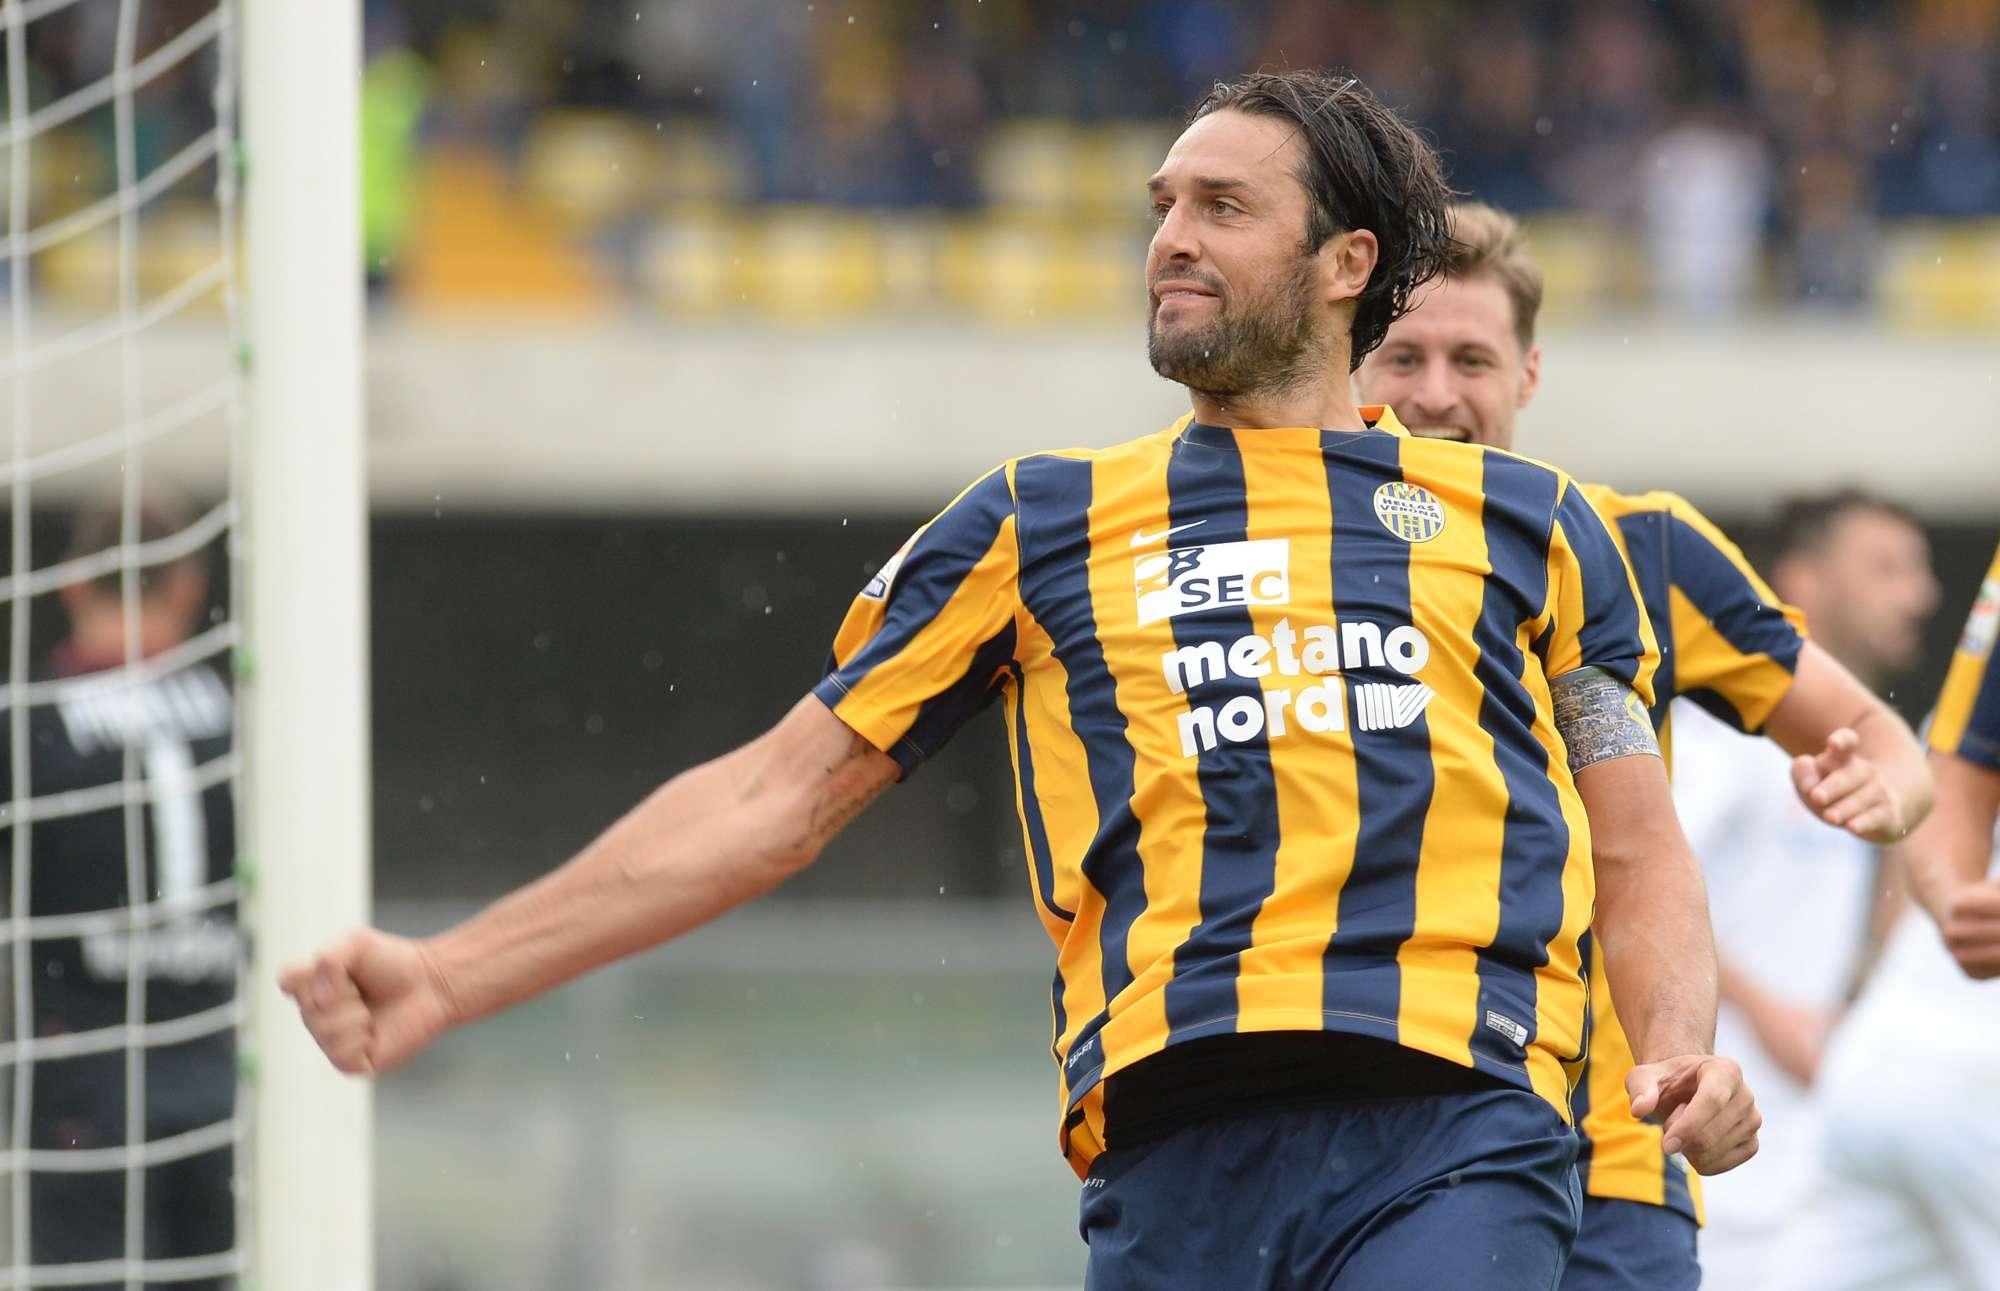 Luca Toni darà l'addio alla Serie A contro gli ex compagni del Palermo